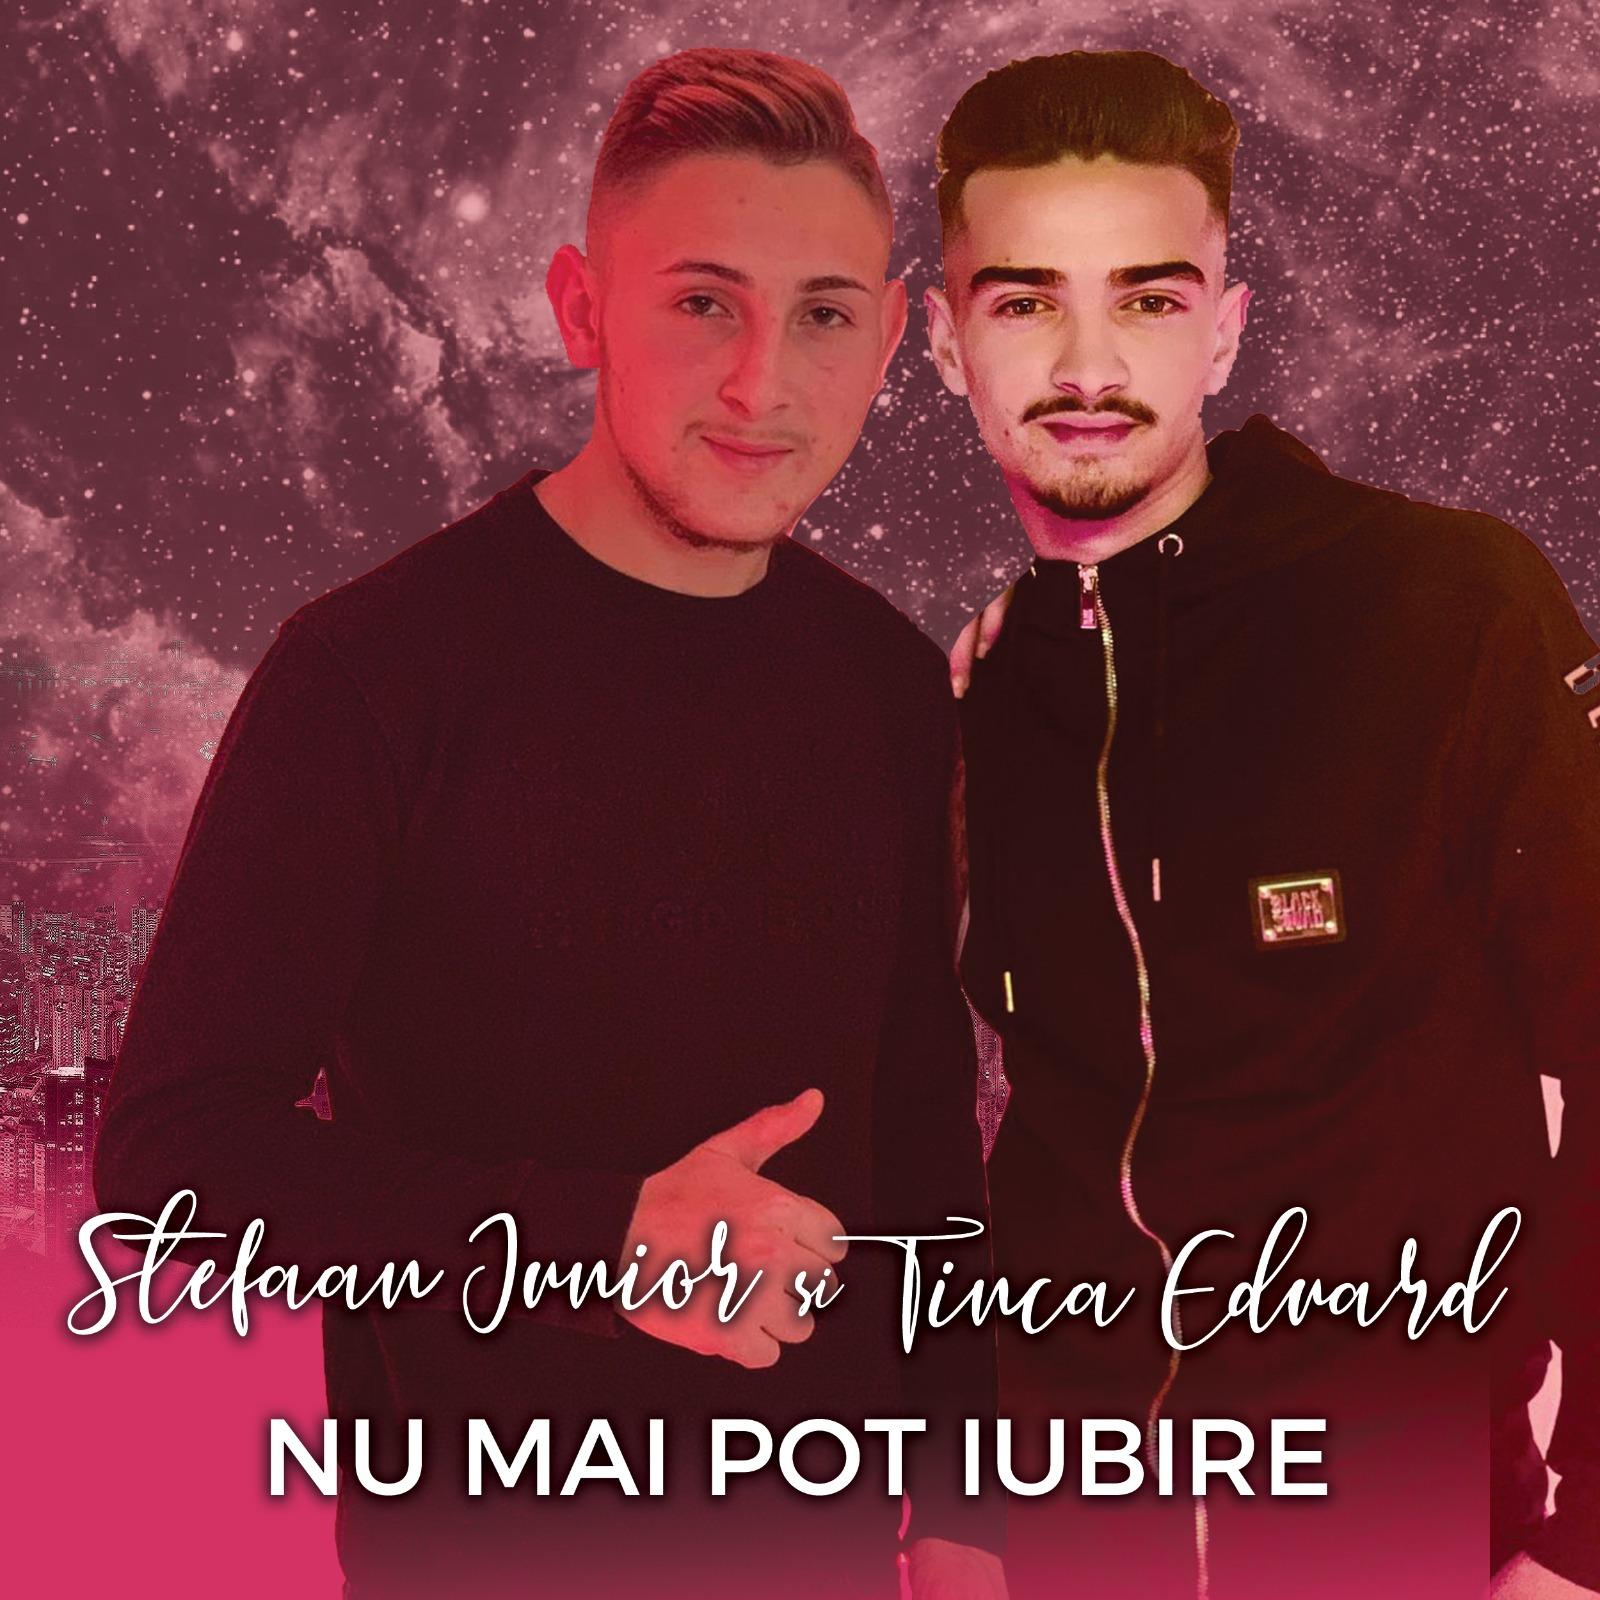 Stefaan Junnior feat. Tinca Eduard - Nu Mai Pot Iubire Image